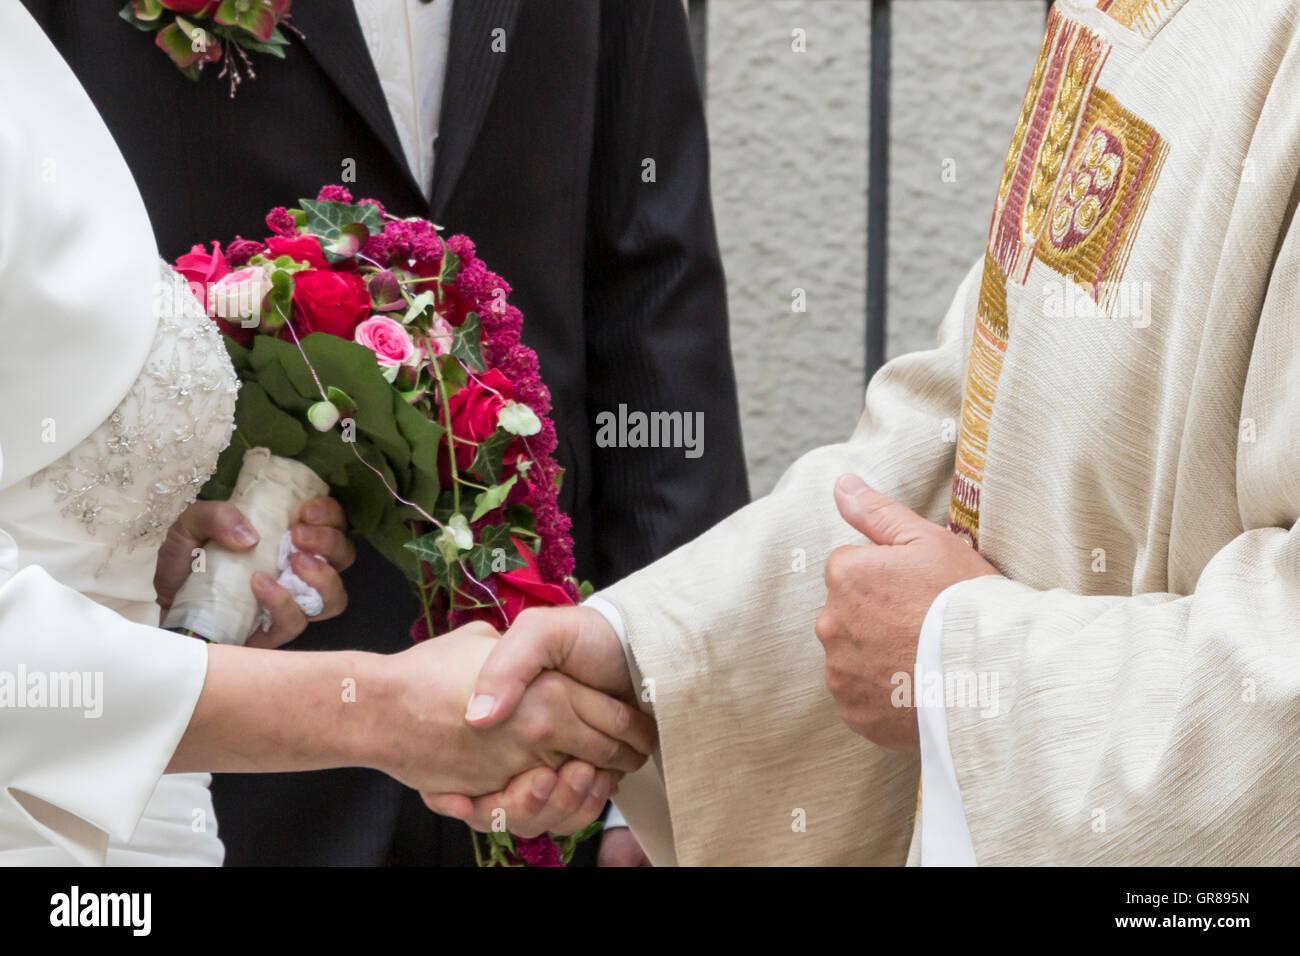 Glã Ckwunsch Des Priesters An Das Hochzeitspaar - Stock Image